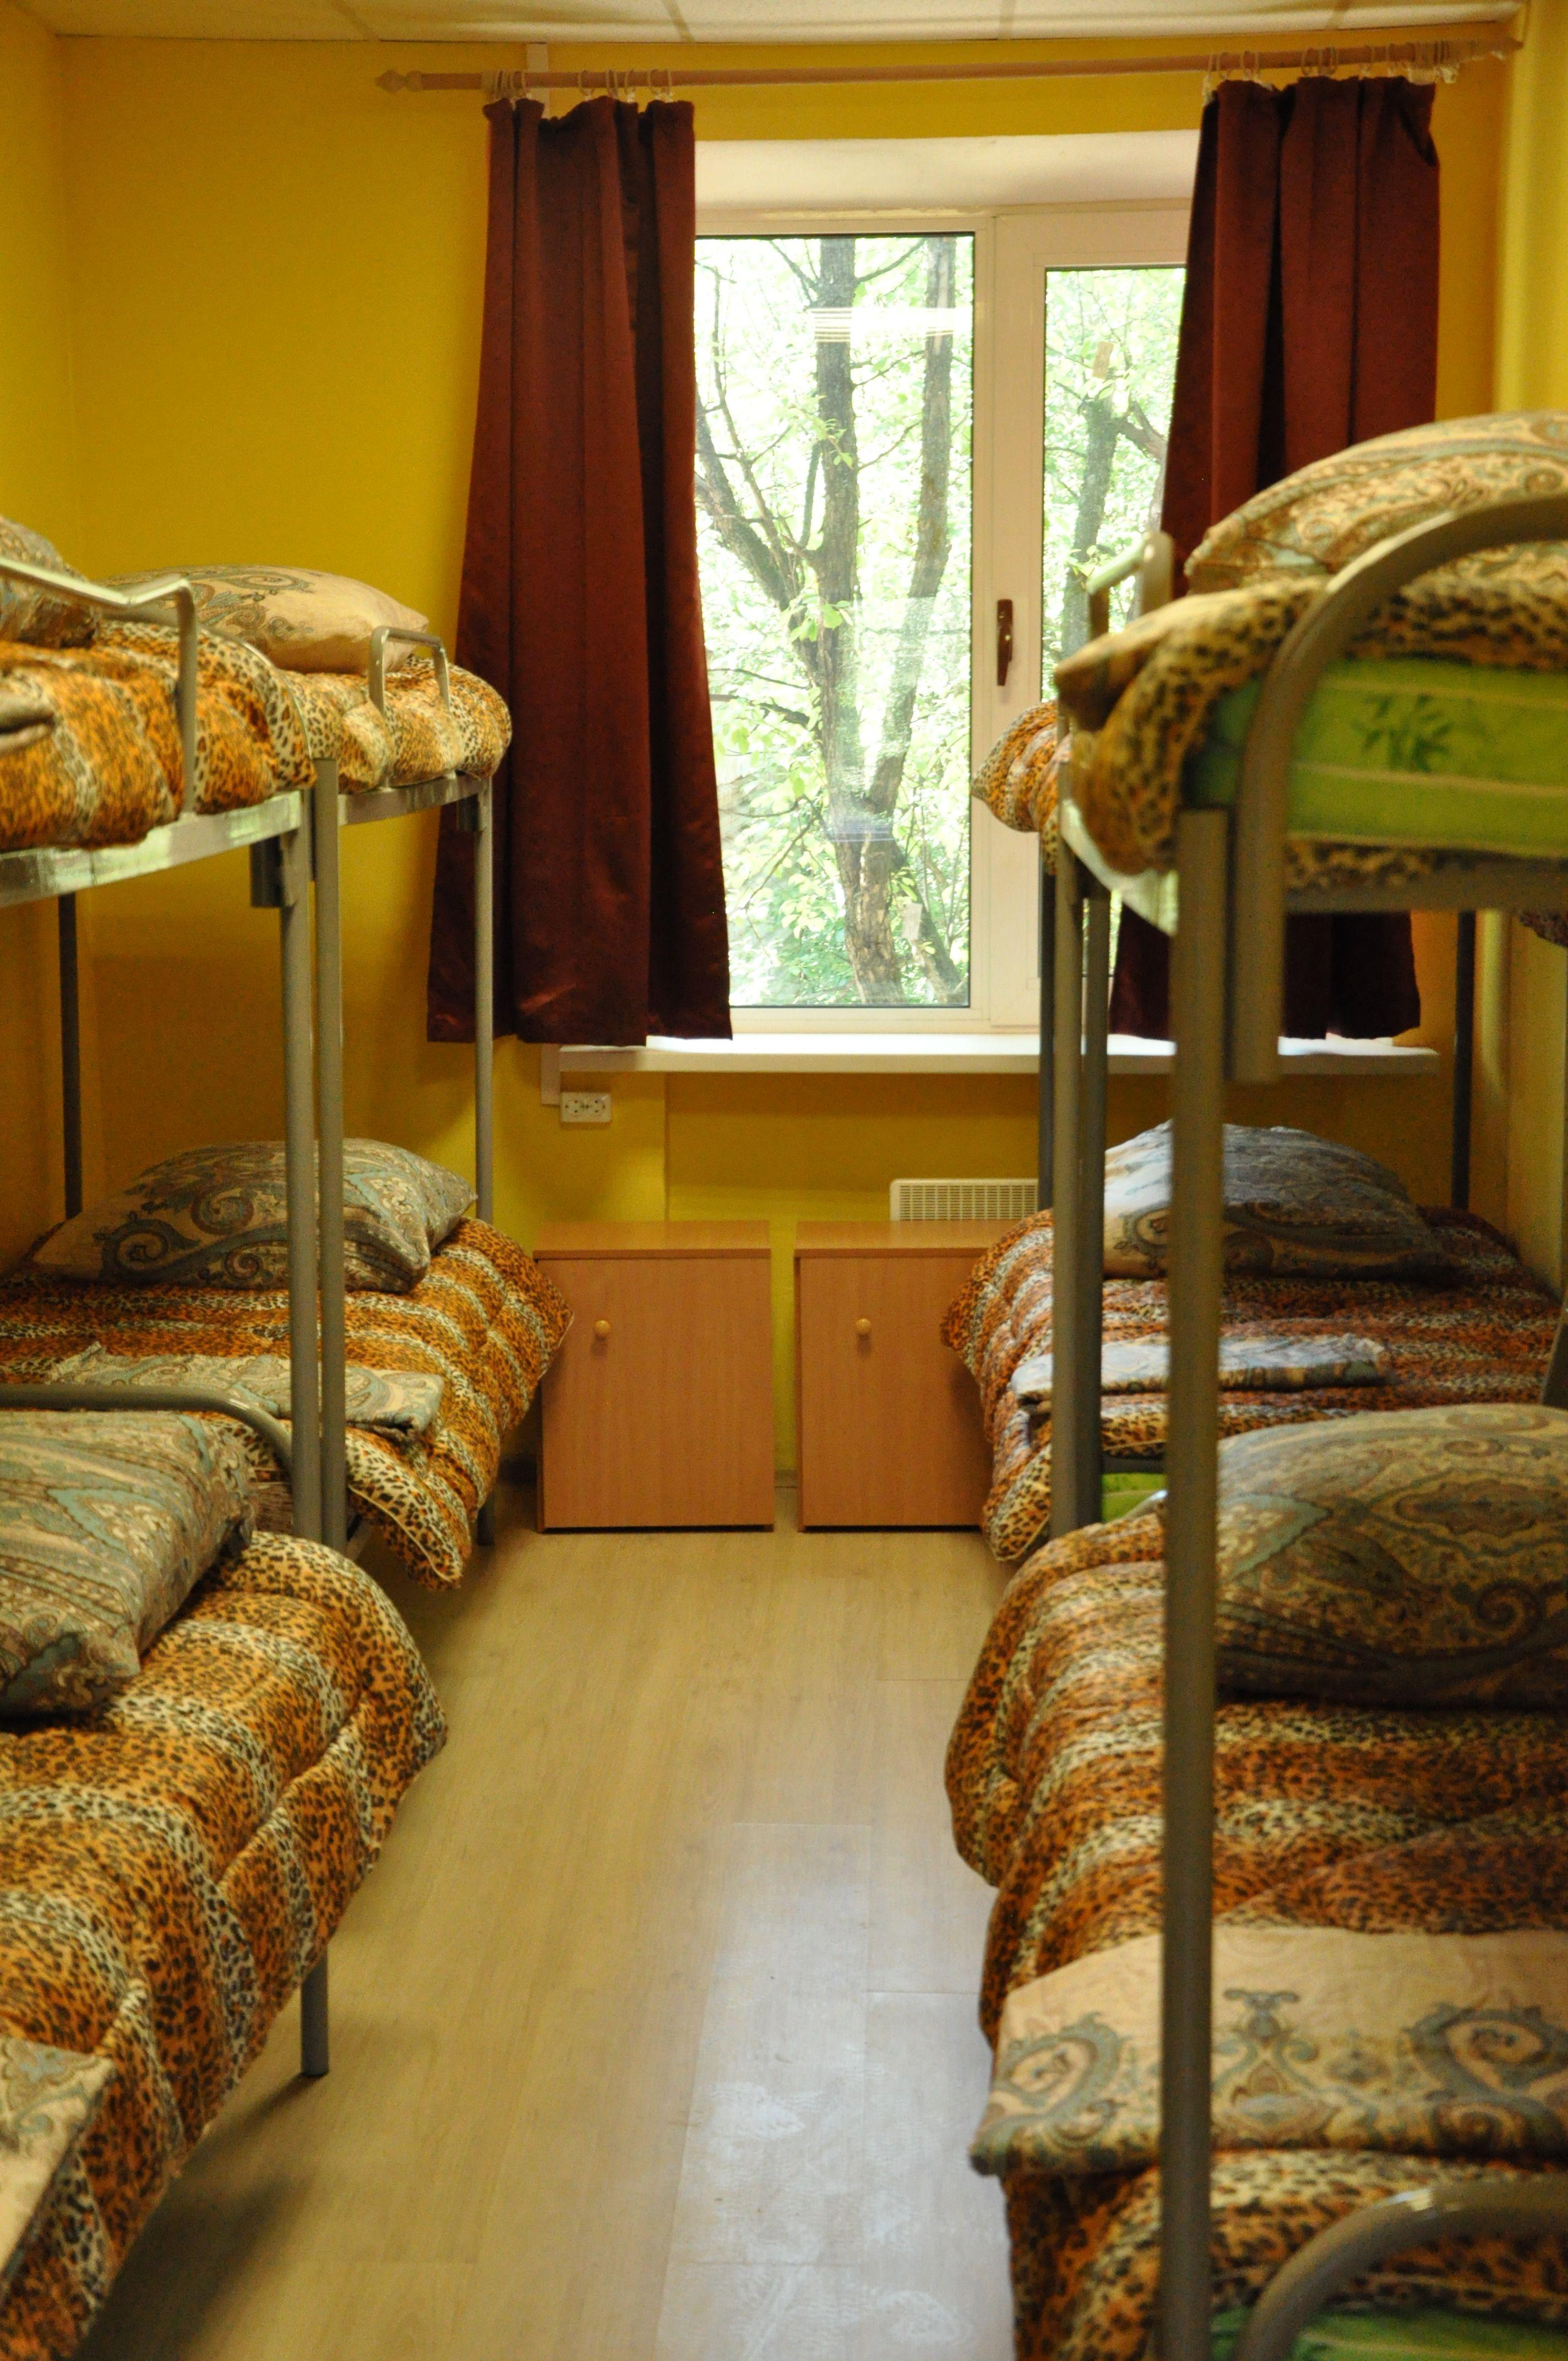 8ми местная комната в хостеле для рабочих